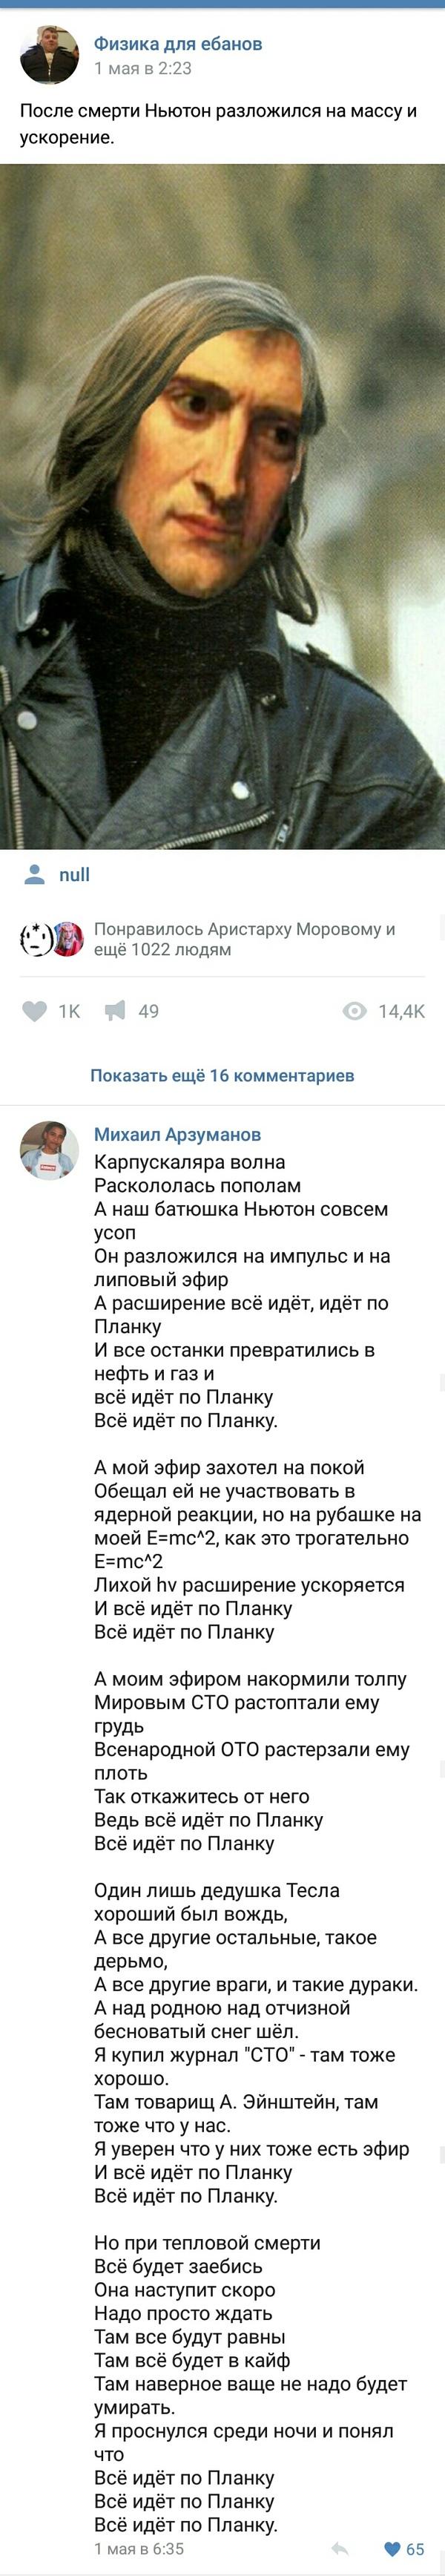 Все идёт по Планку! Скриншот, Все идет по плану, Физика, Постоянная Планка, ВКонтакте, Егор Летов, Гражданская оборона, Длиннопост